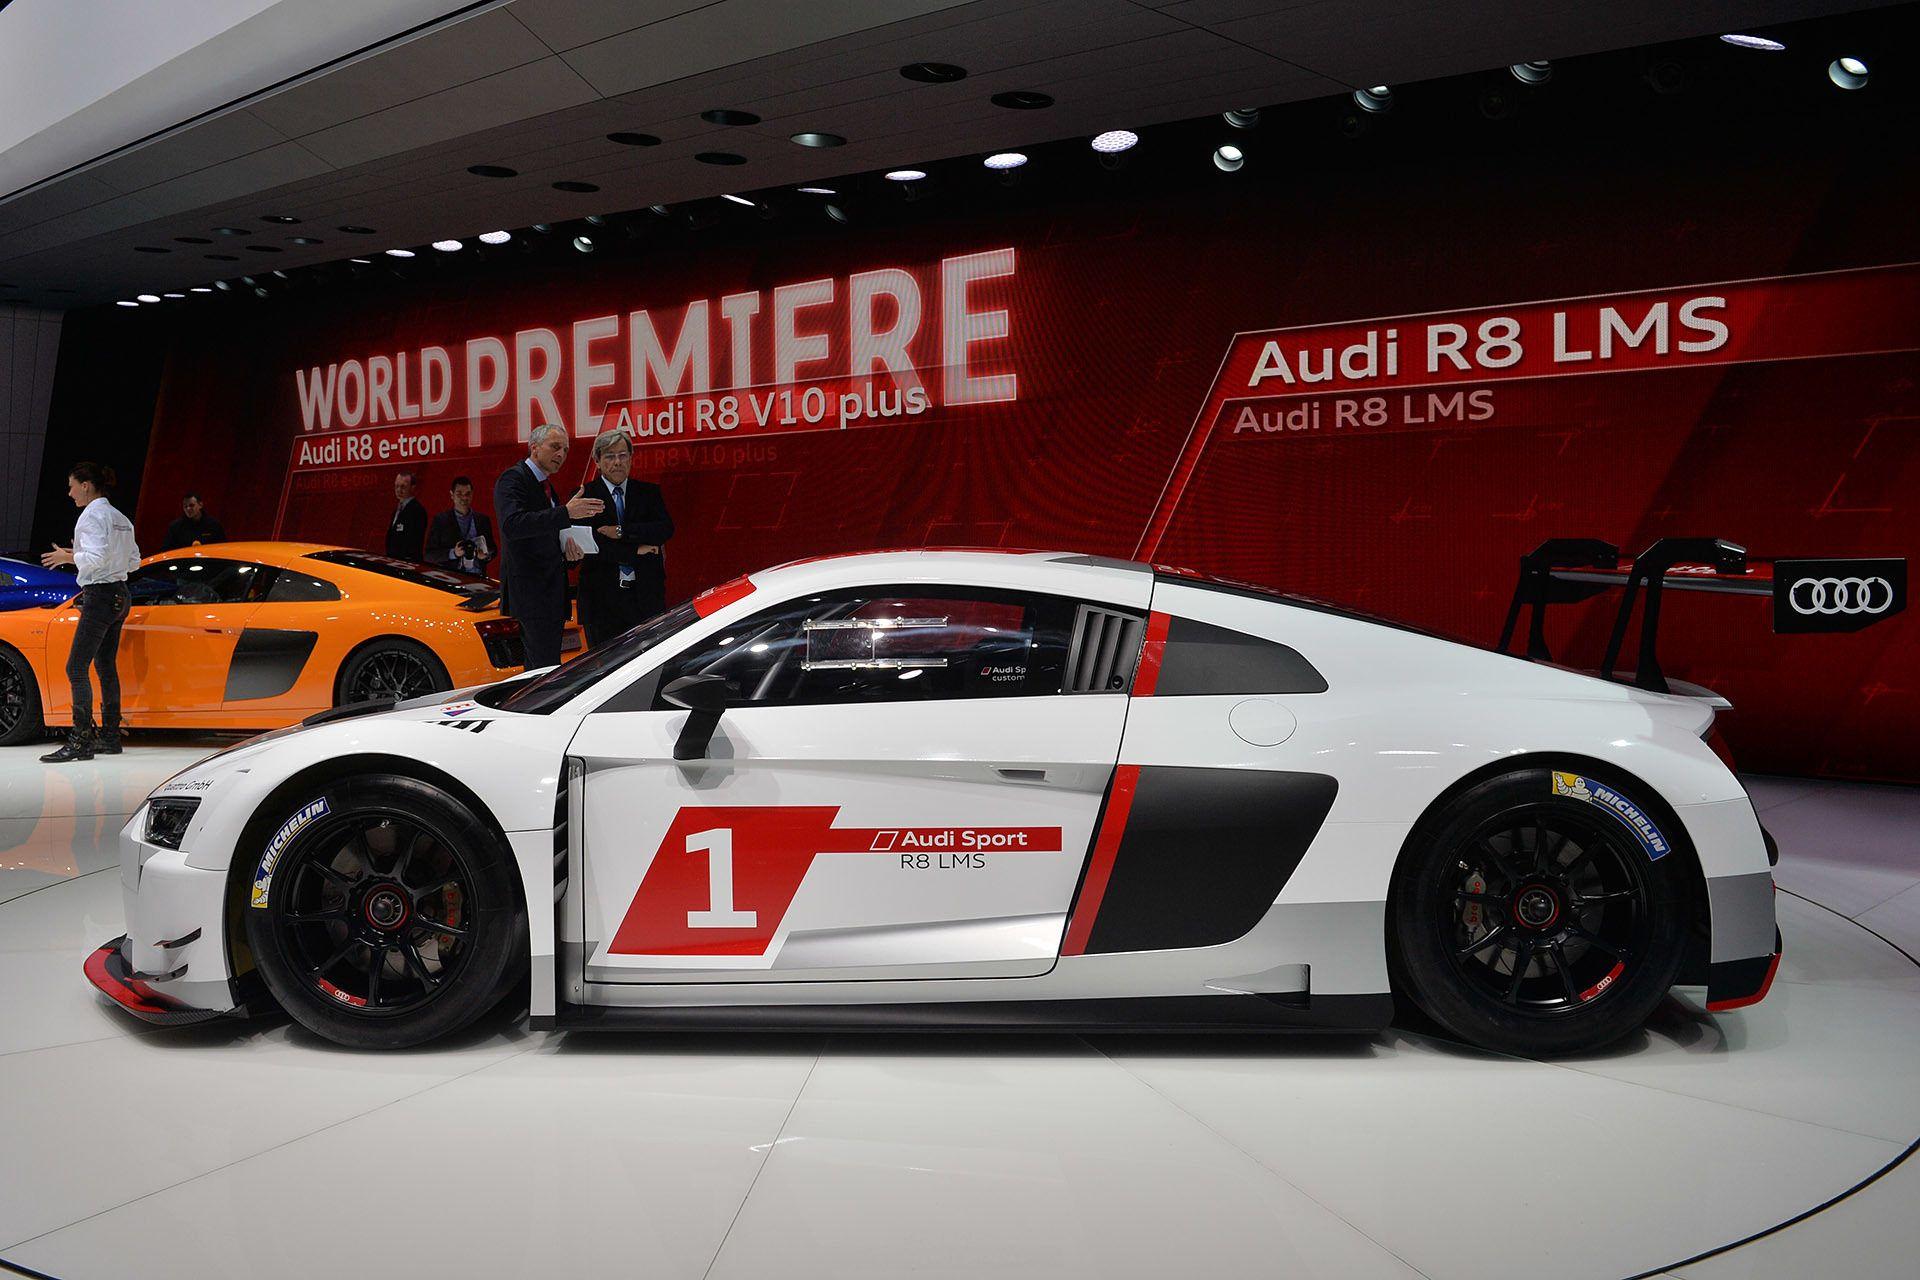 2016 Audi R8 LMS Race Car Side